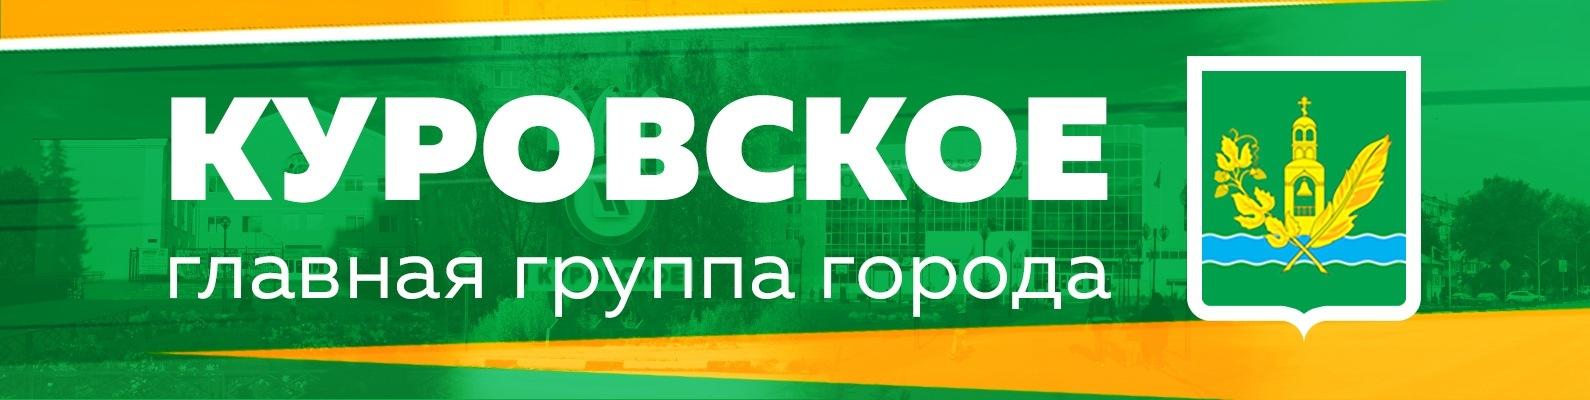 Больничный лист задним числом купить в Москве Ясенево